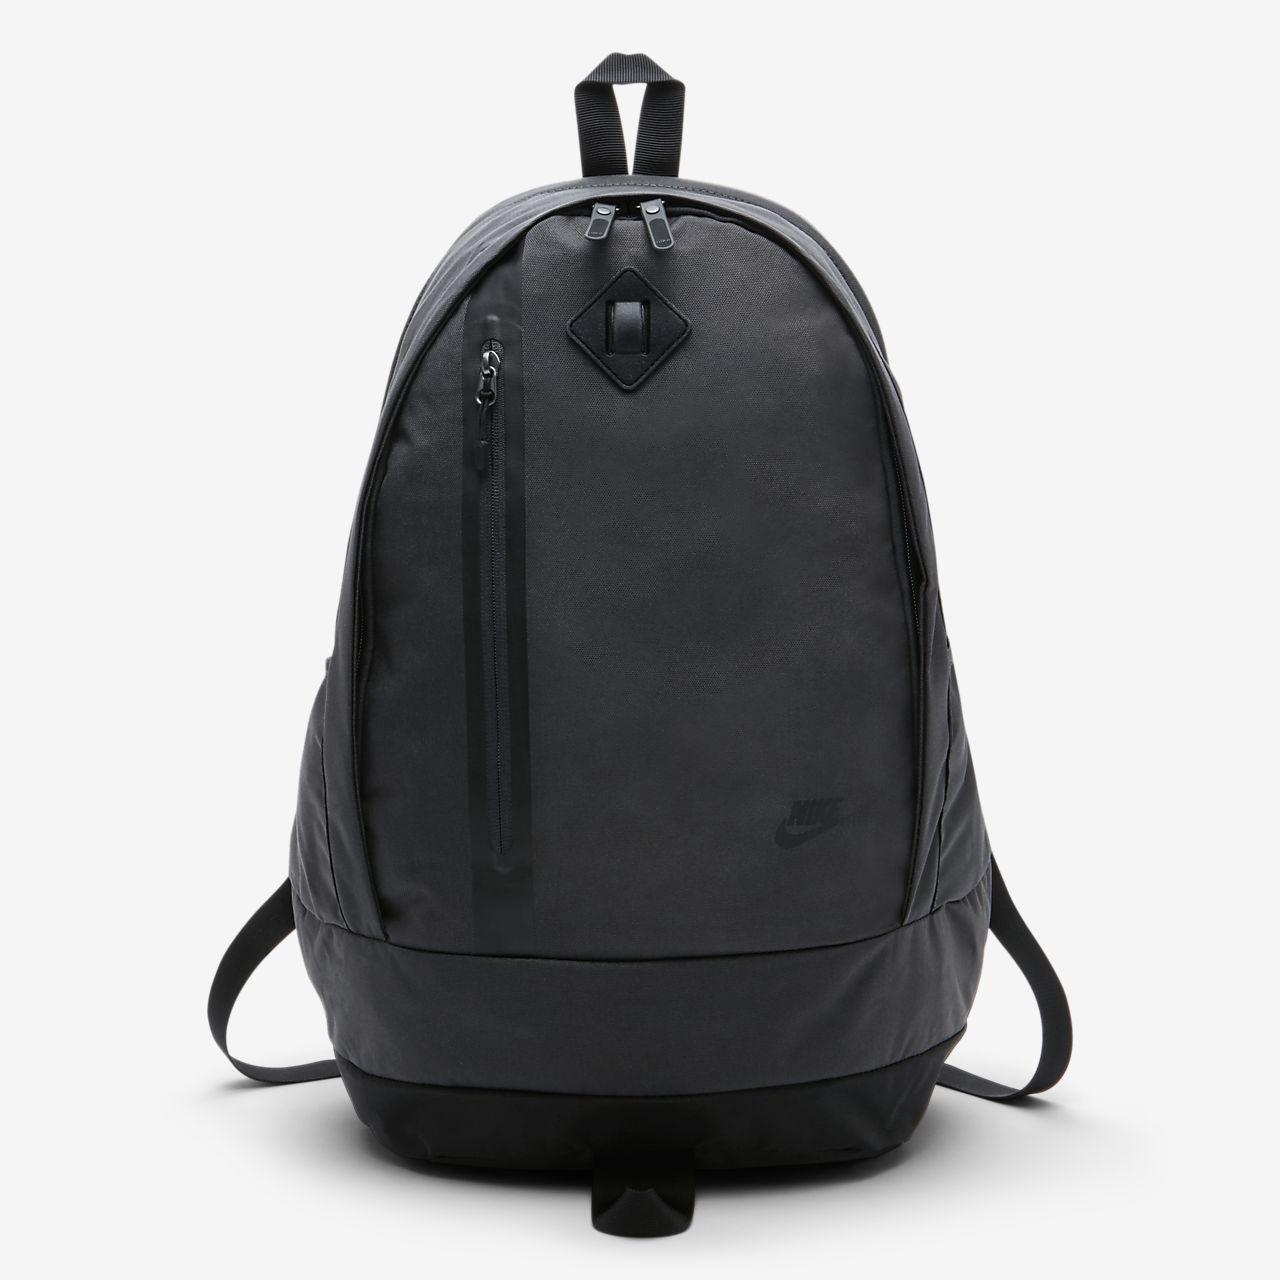 2467897bf32 Nike Sportswear Cheyenne 3.0 Solid Backpack. Nike.com GB